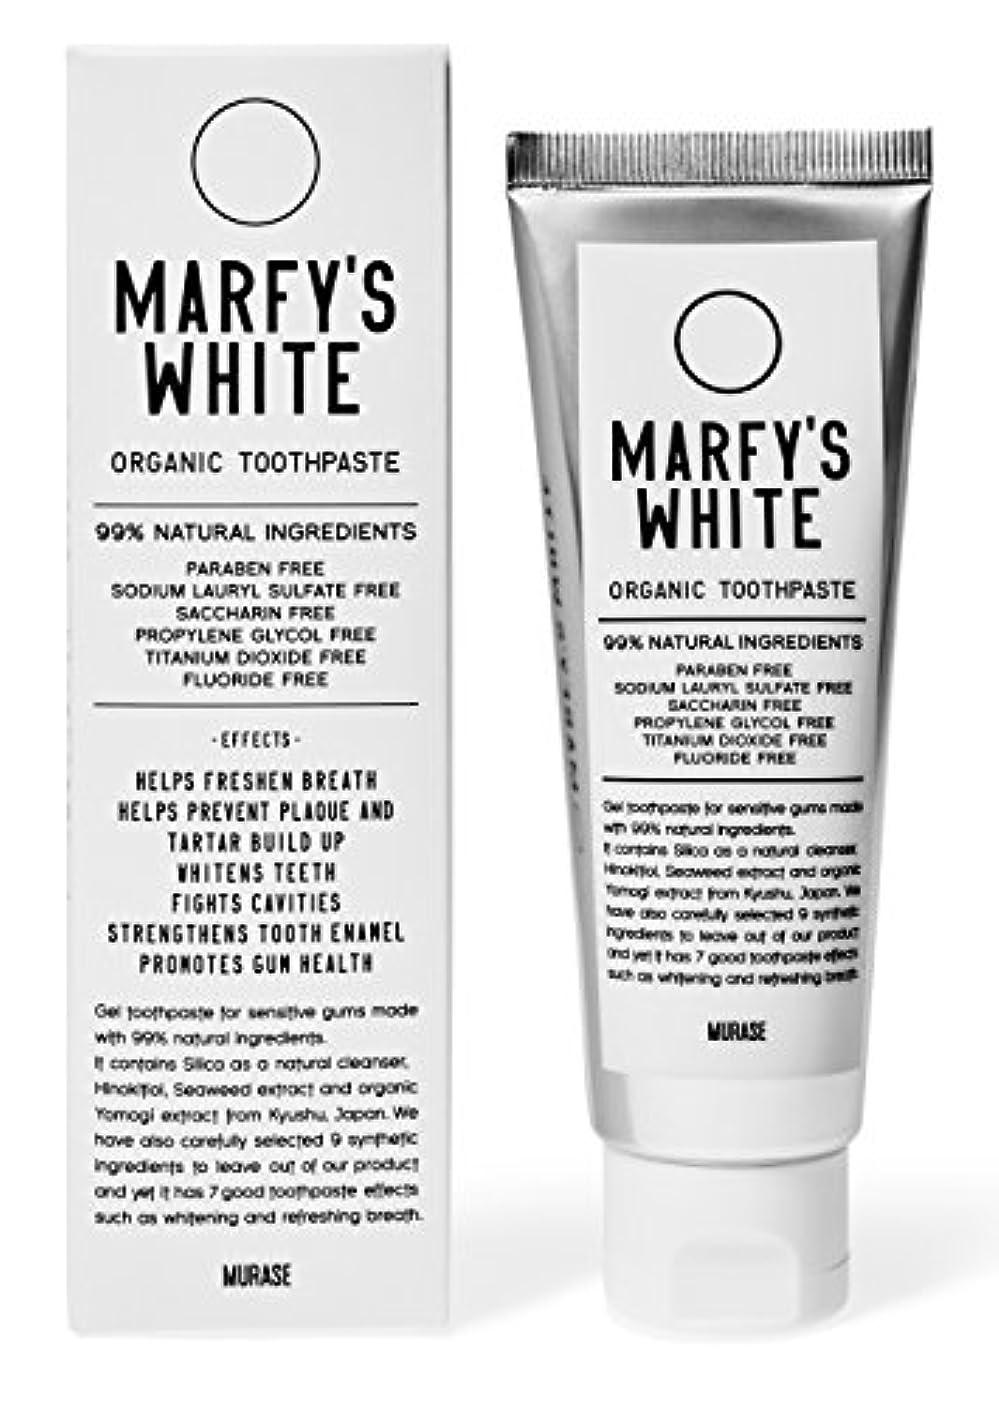 不規則な部分自発MARFY'S WHITE(マーフィーズ ホワイト)歯磨き粉 オーガニック 90g 日本製